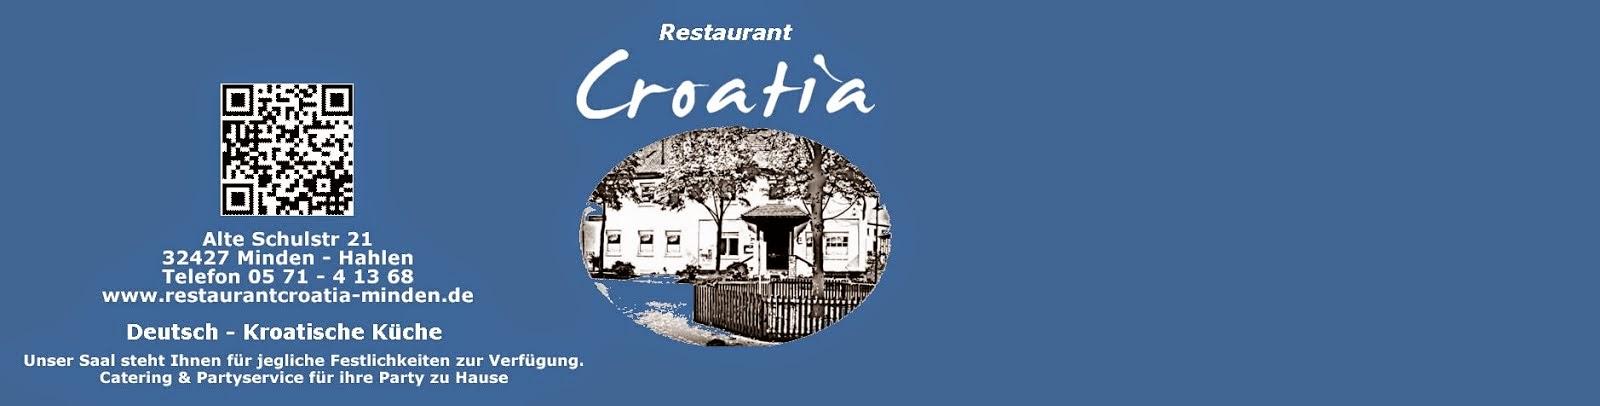 Restaurant Croatia Minden